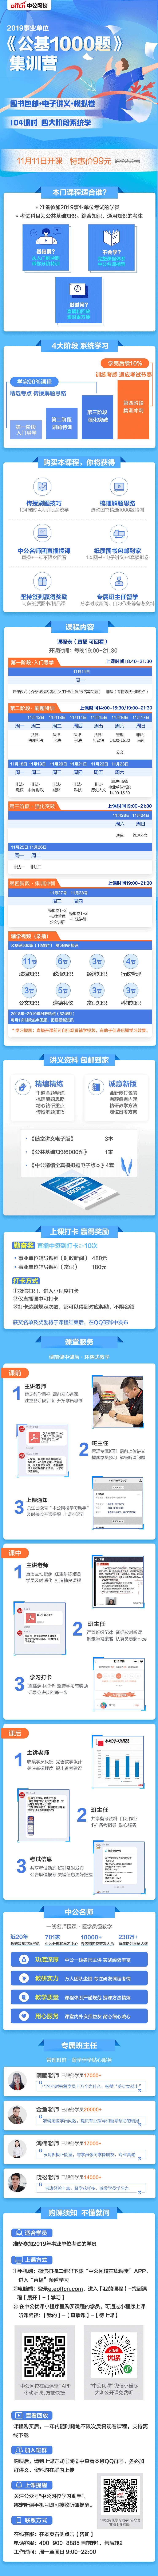 【公基1000题】详情页(通用).png